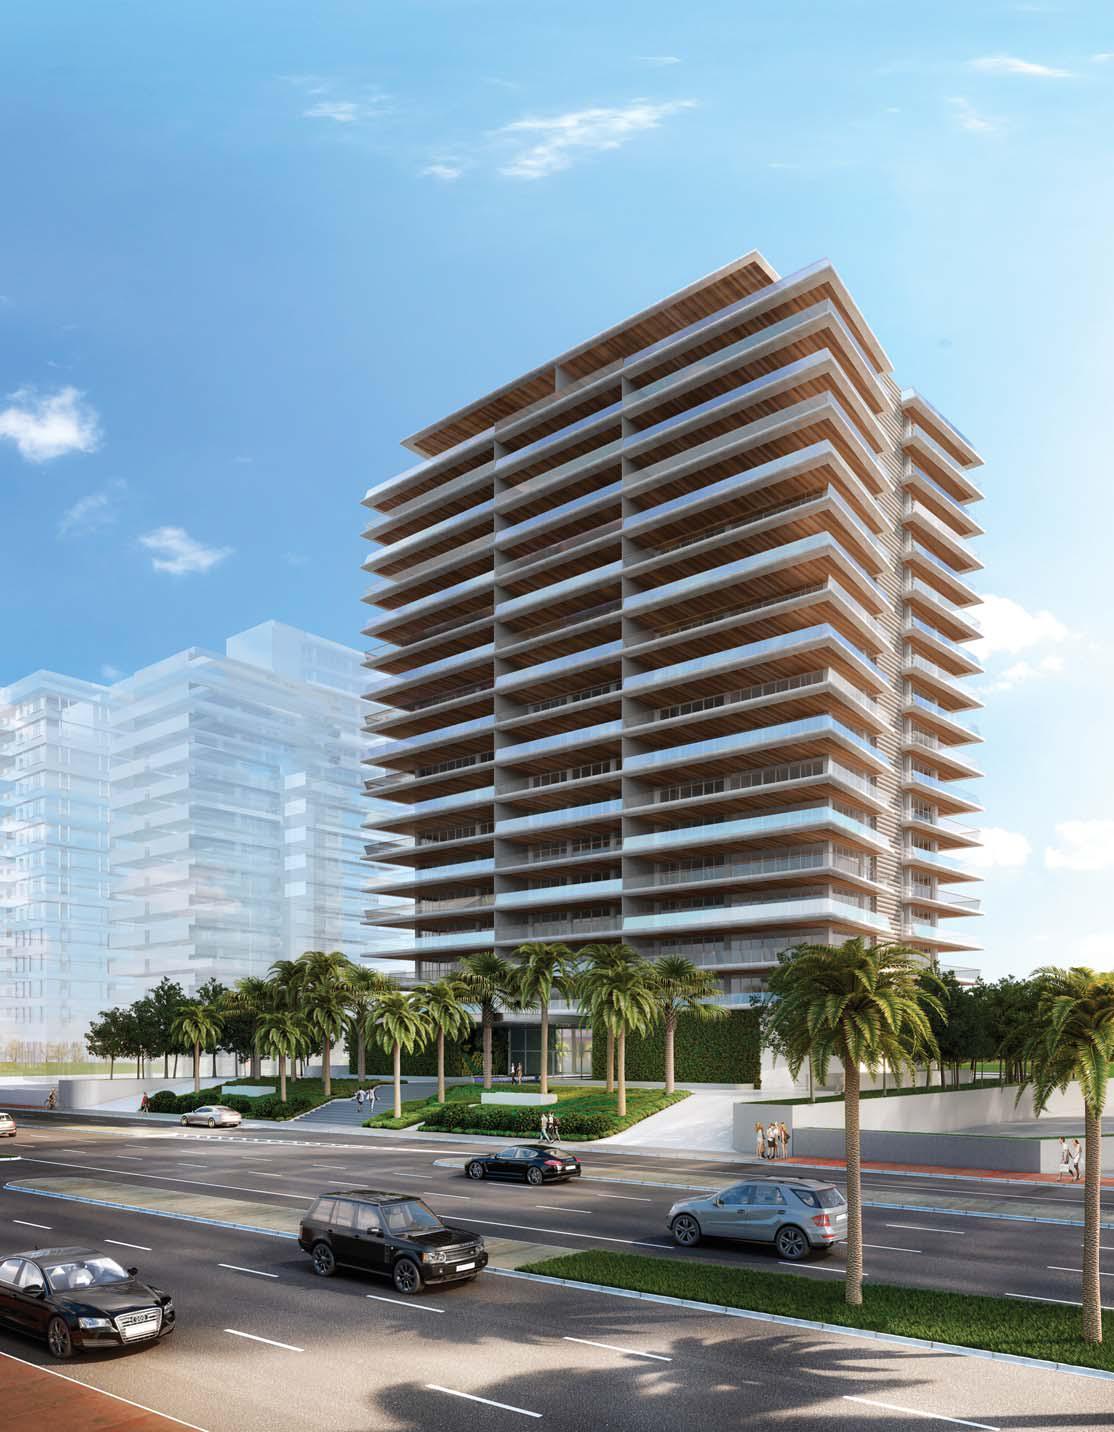 Miami Beach Planning Board